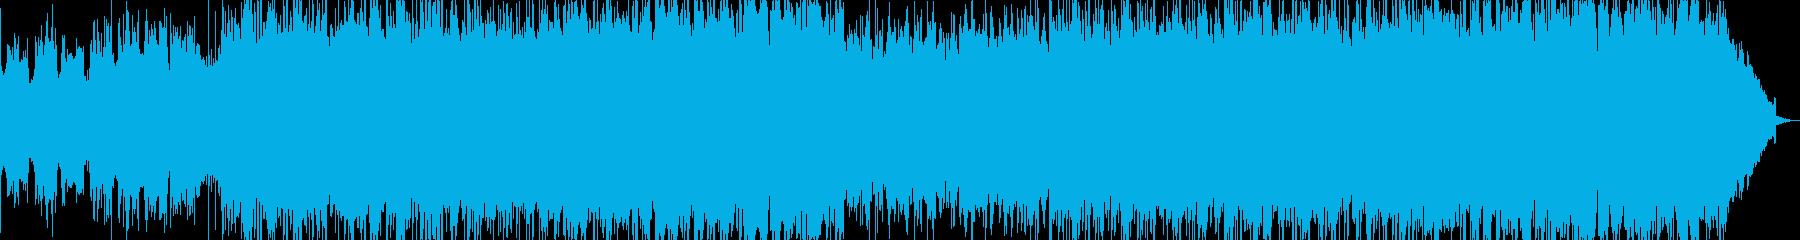 フラメンコギターのアンサンブルオリジナルの再生済みの波形